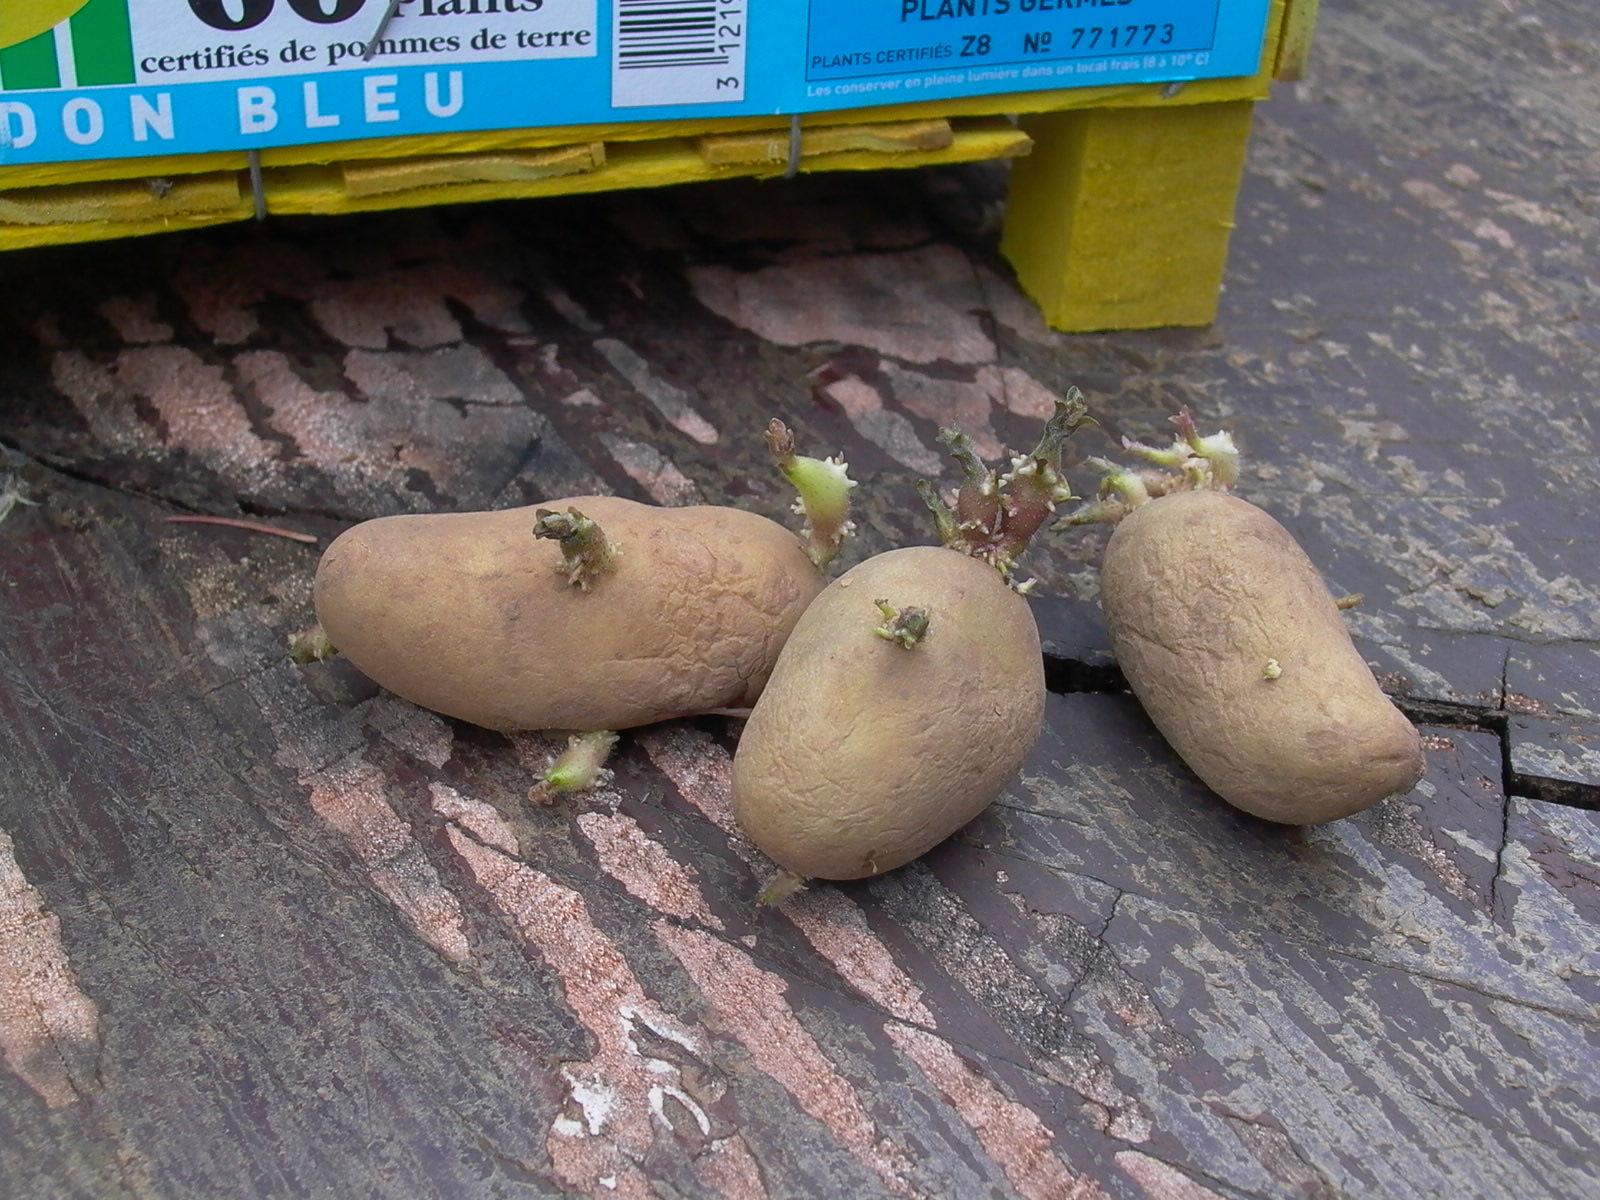 Pomme de terre il faut les pr germer jardin pratique - Faire germer des pommes de terre ...